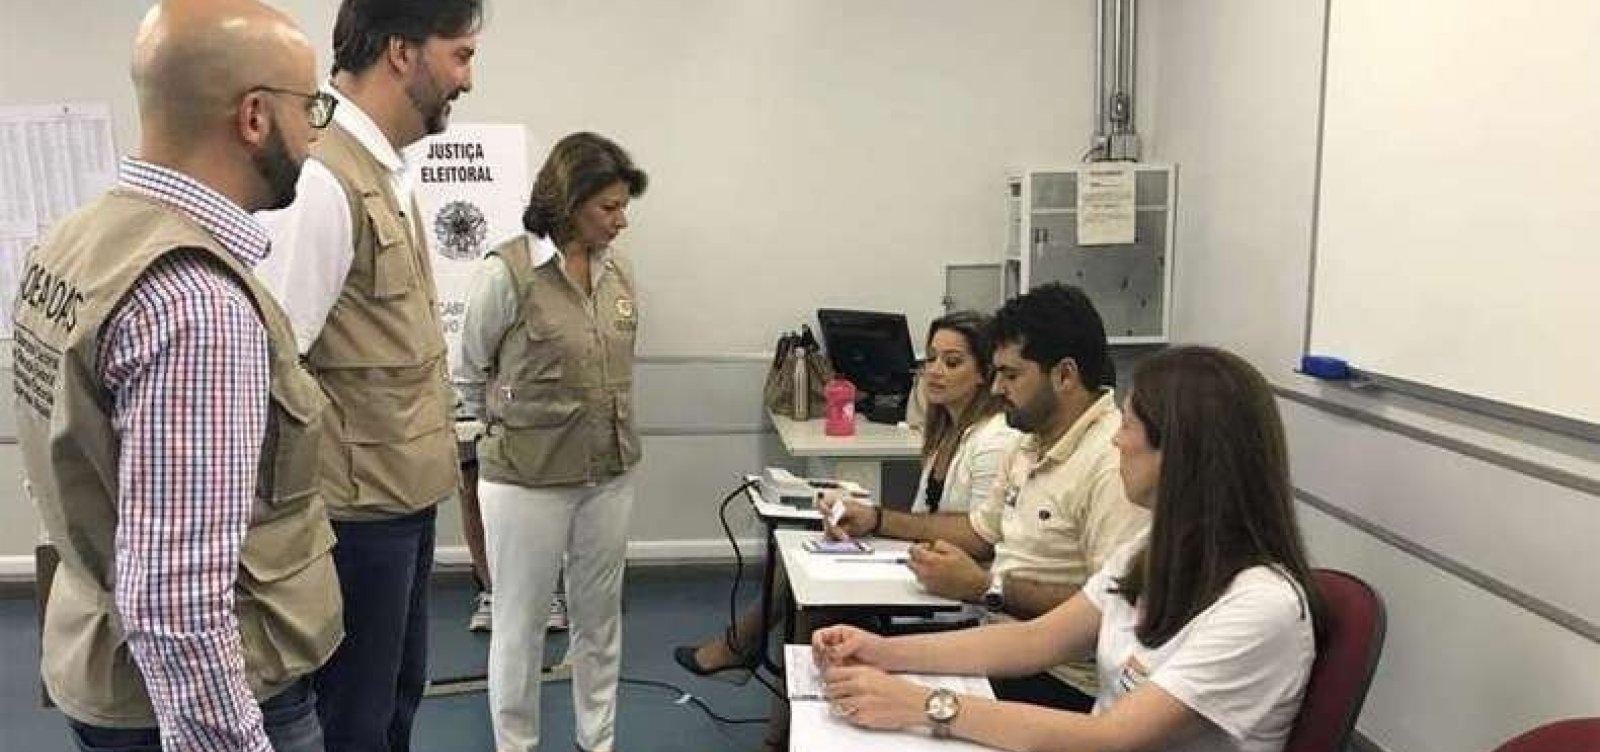 [Não há vulnerabilidade no sistema de votação até o momento, diz missão da OEA]